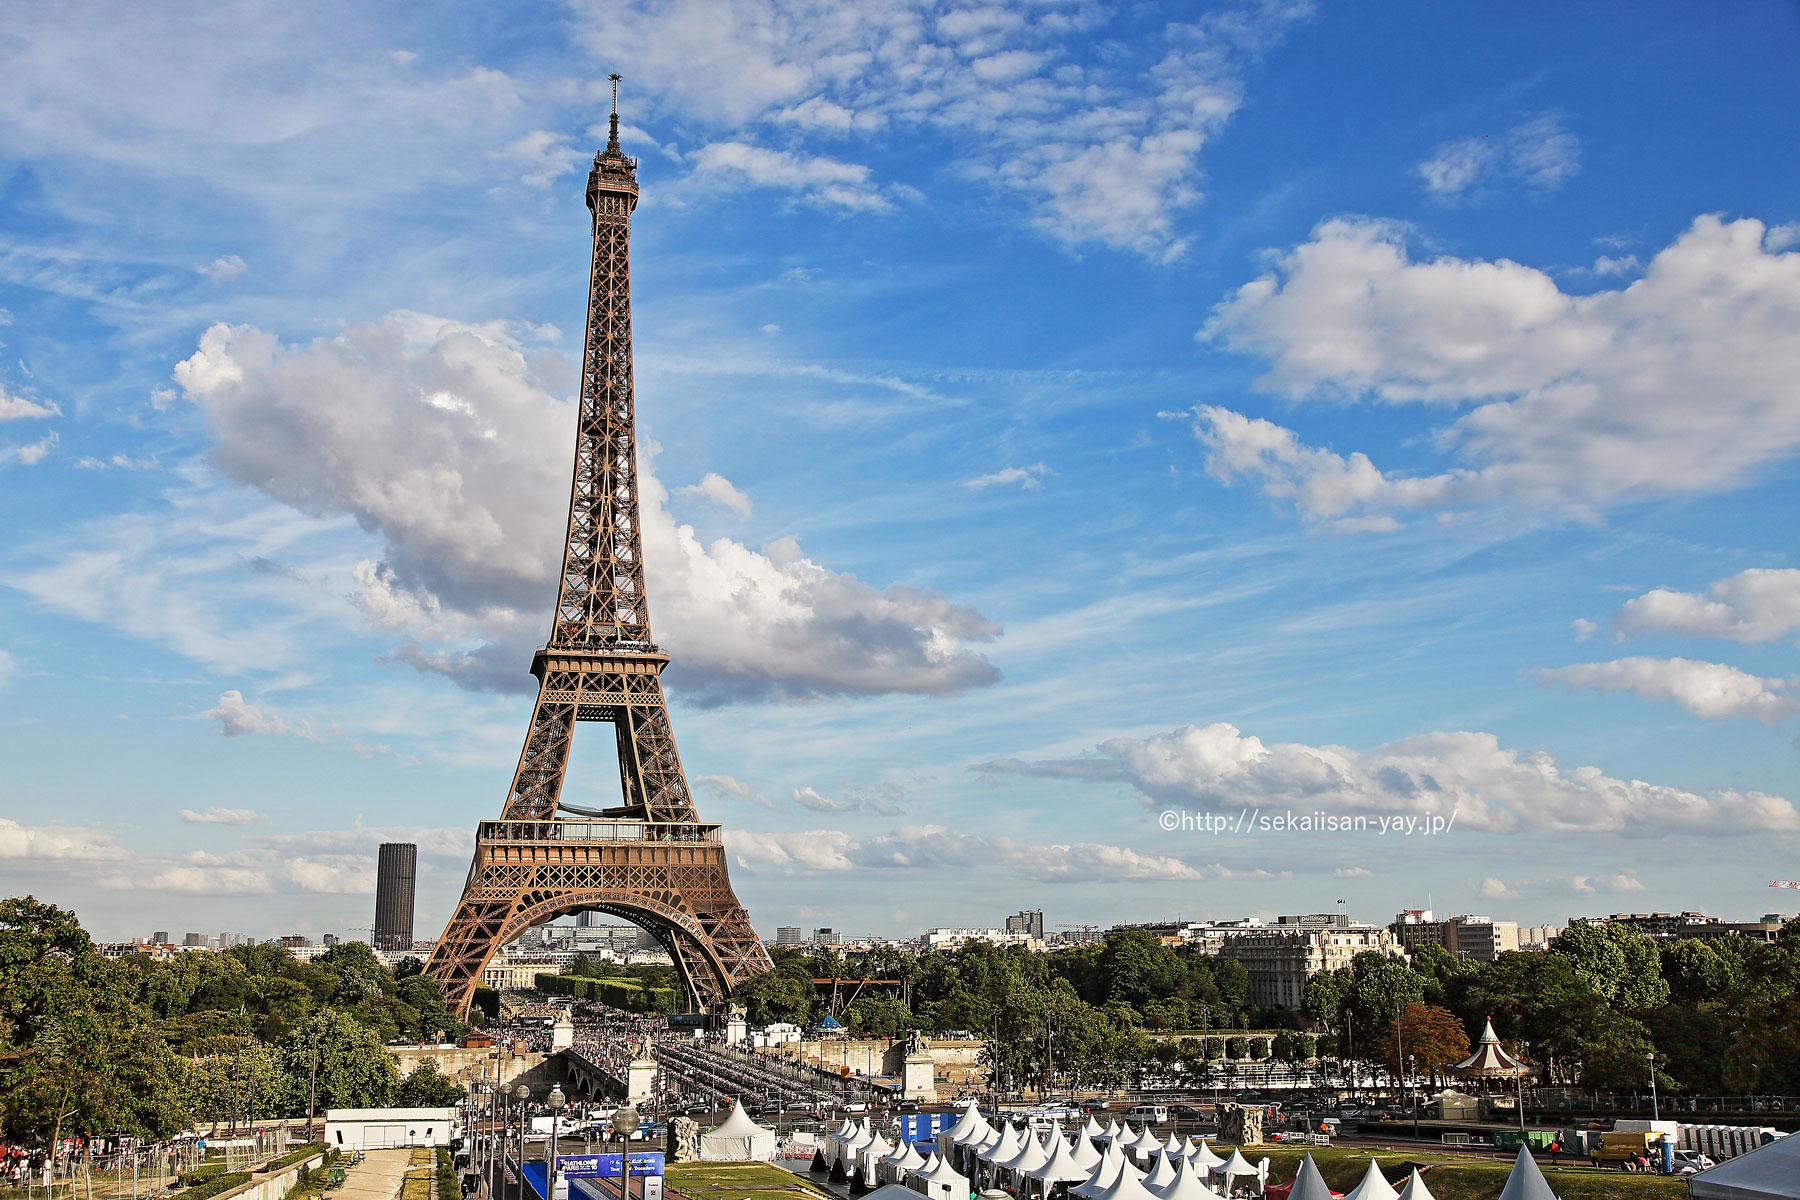 フランスの世界遺産「パリのセーヌ河岸」エッフェル塔